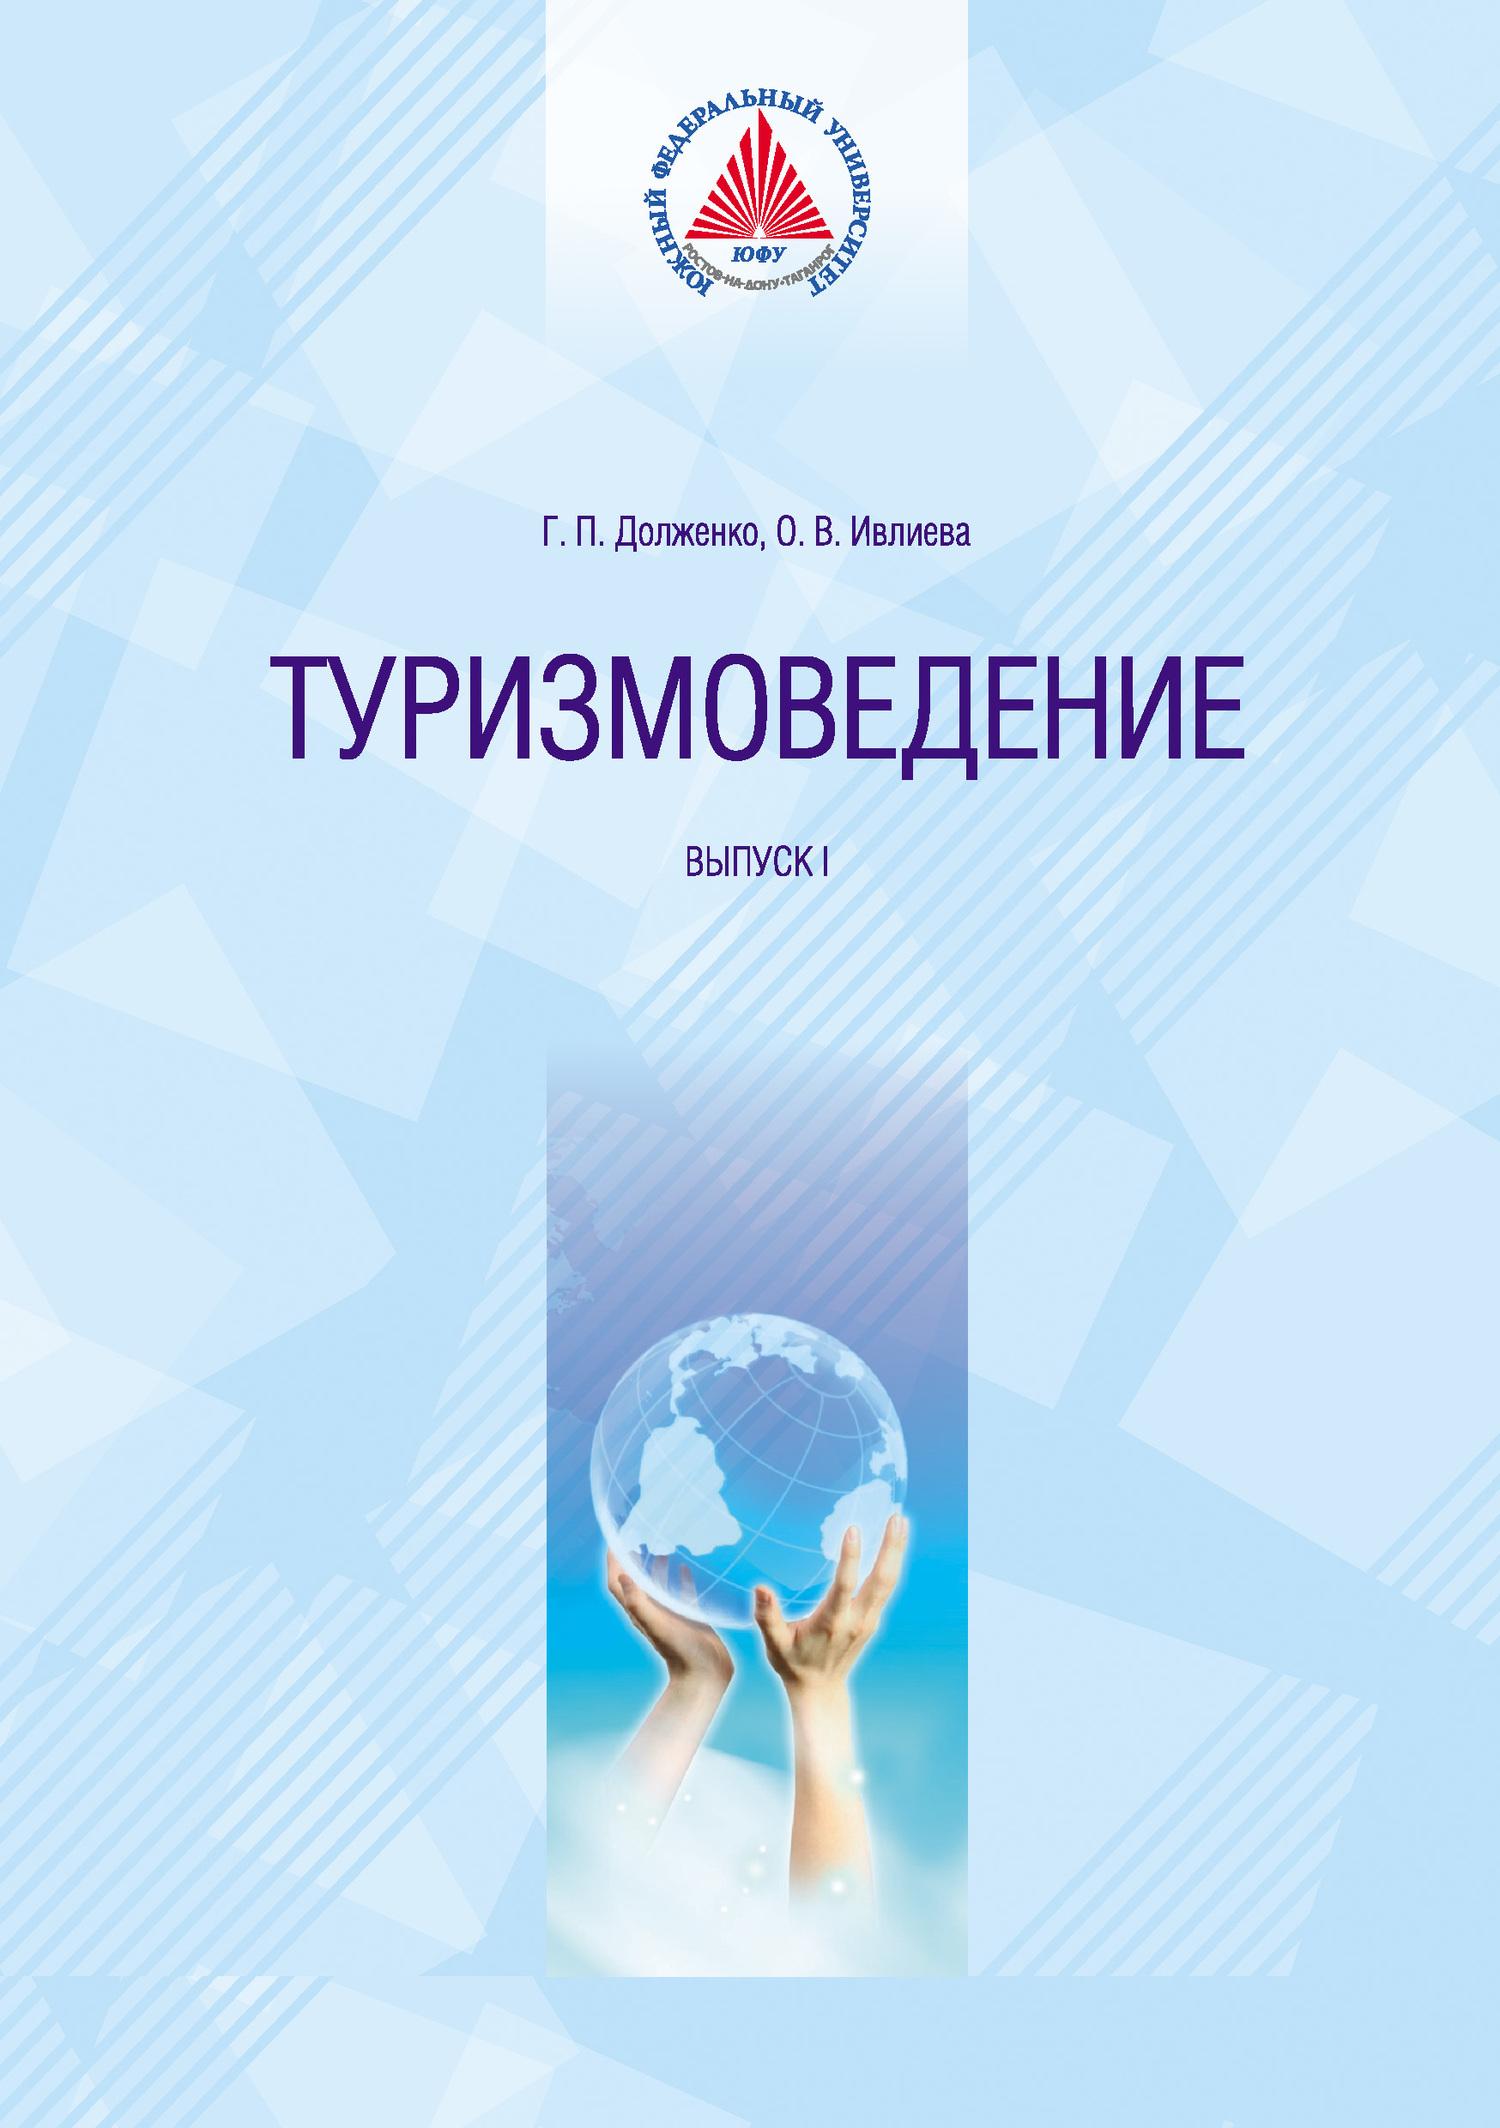 Ольга Ивлиева, Геннадий Долженко - Туризмоведение. Выпуск I